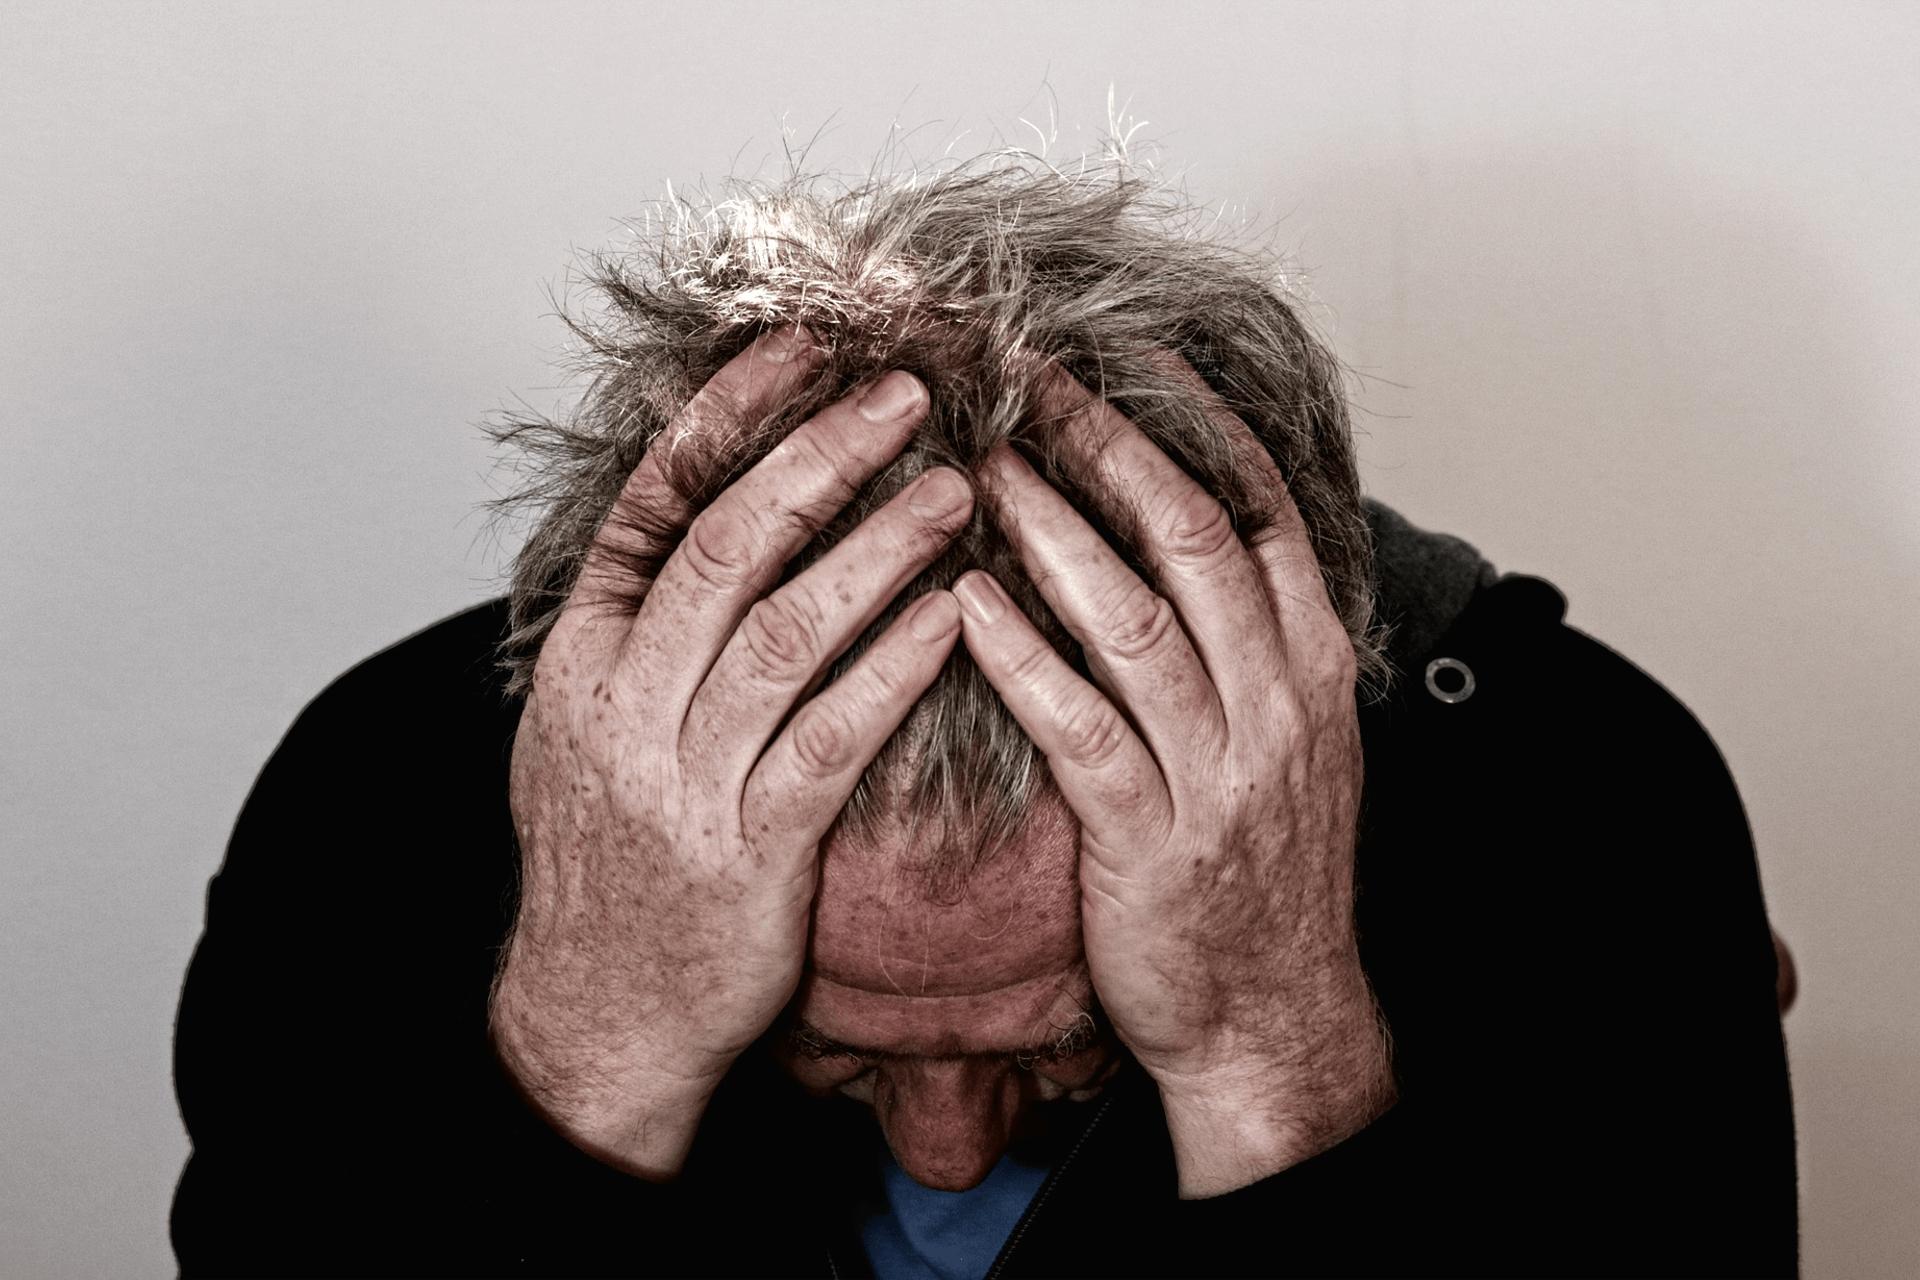 #GaK2018 | Woche 4: Frustriert daheim!